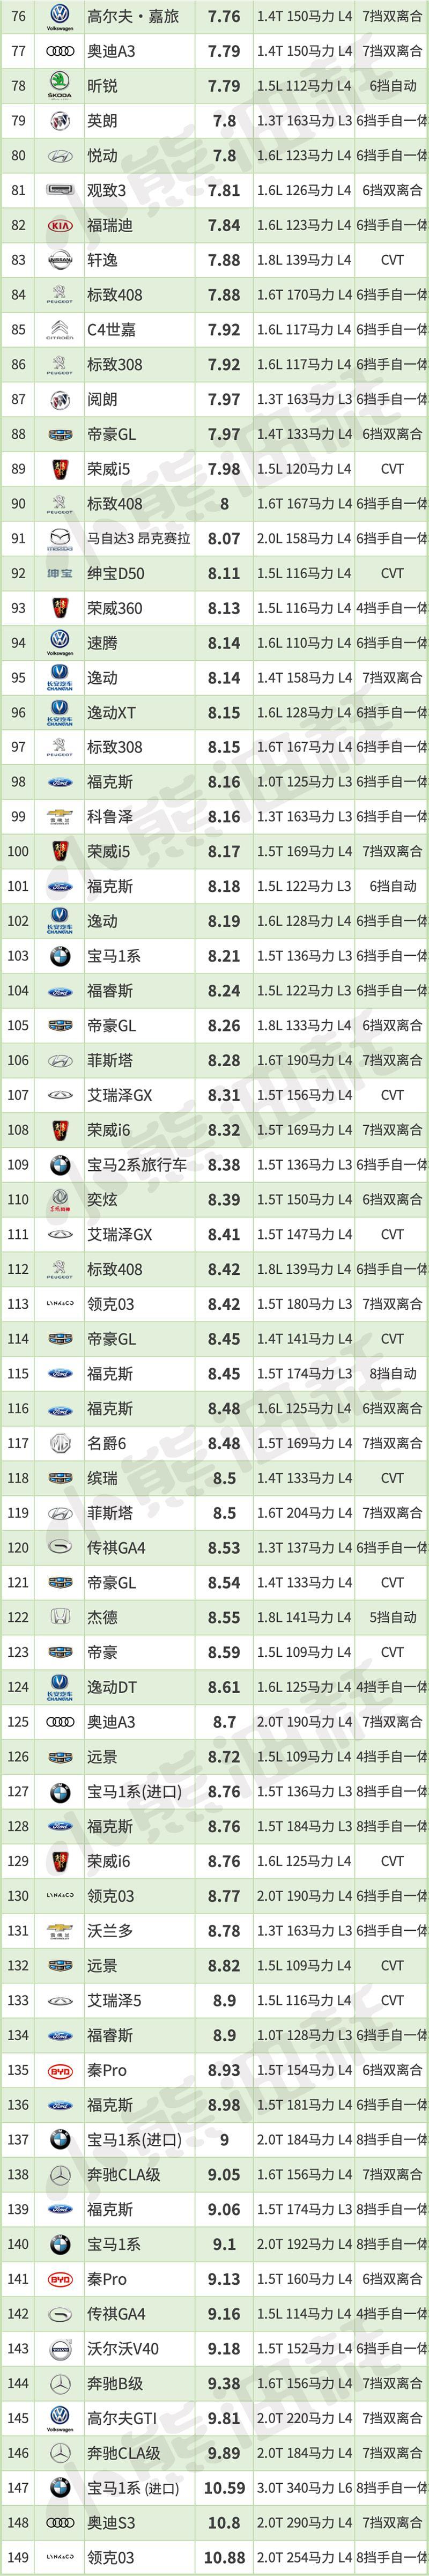 中型车排行榜_2019中国轿车油耗排行榜 - 知乎